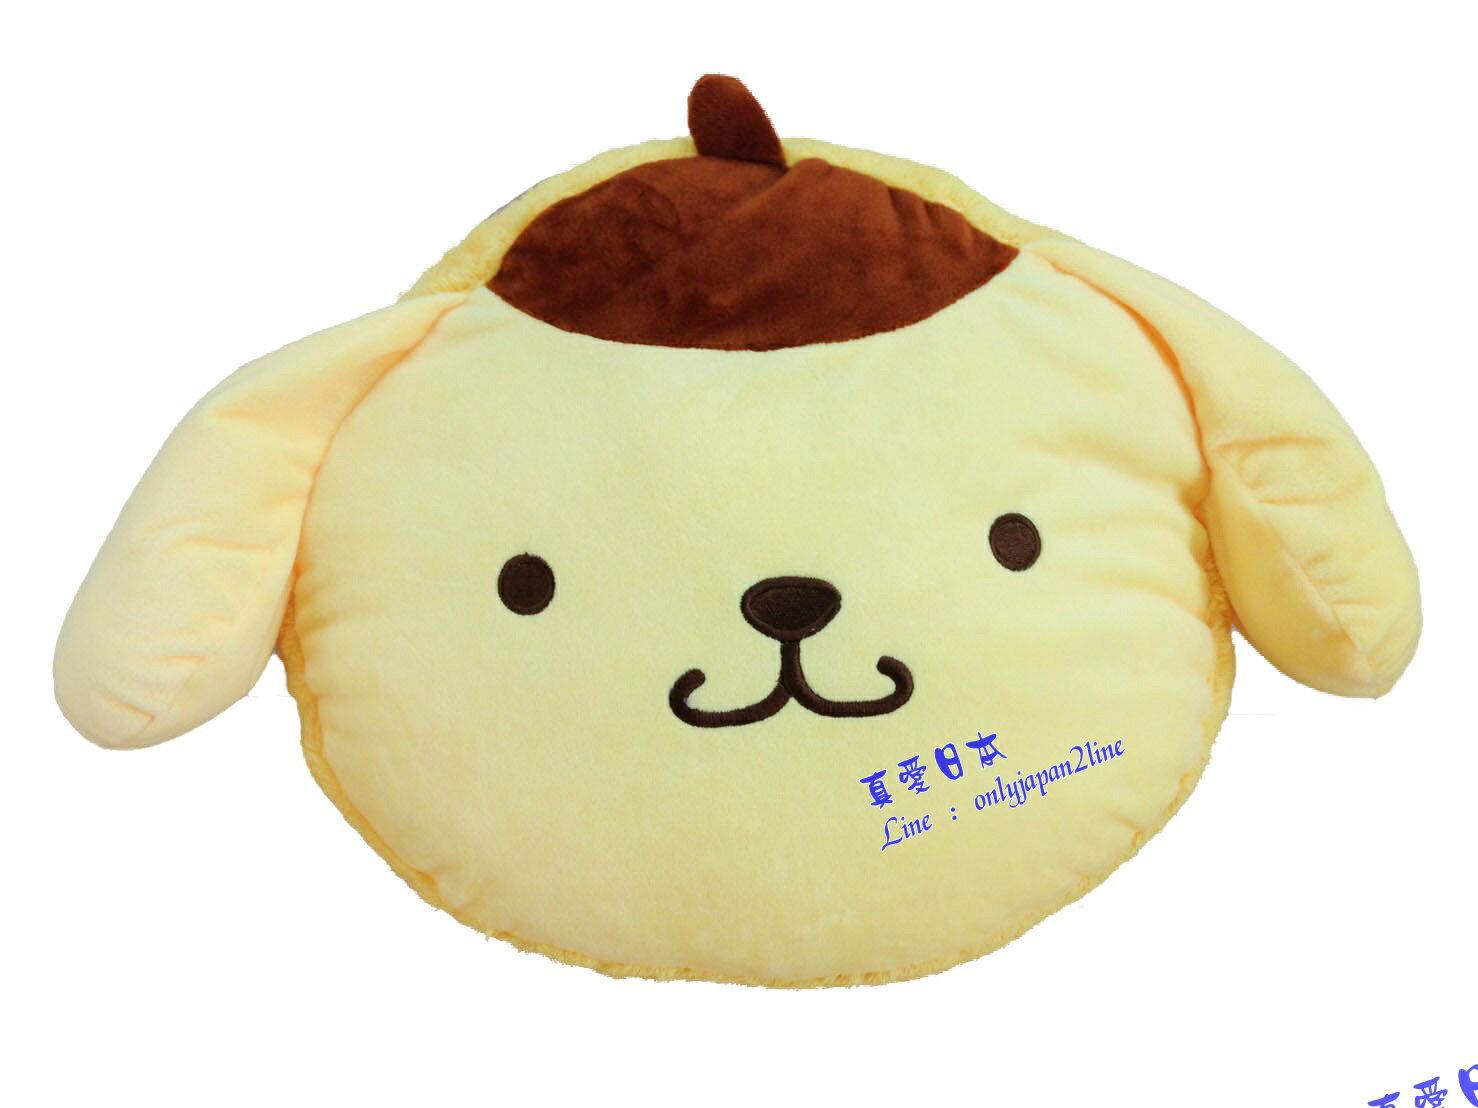 【真愛日本】16071500002  馬卡龍頭型抱枕-布丁狗  三麗鷗家族 布丁狗 娃娃 抱枕  靠枕